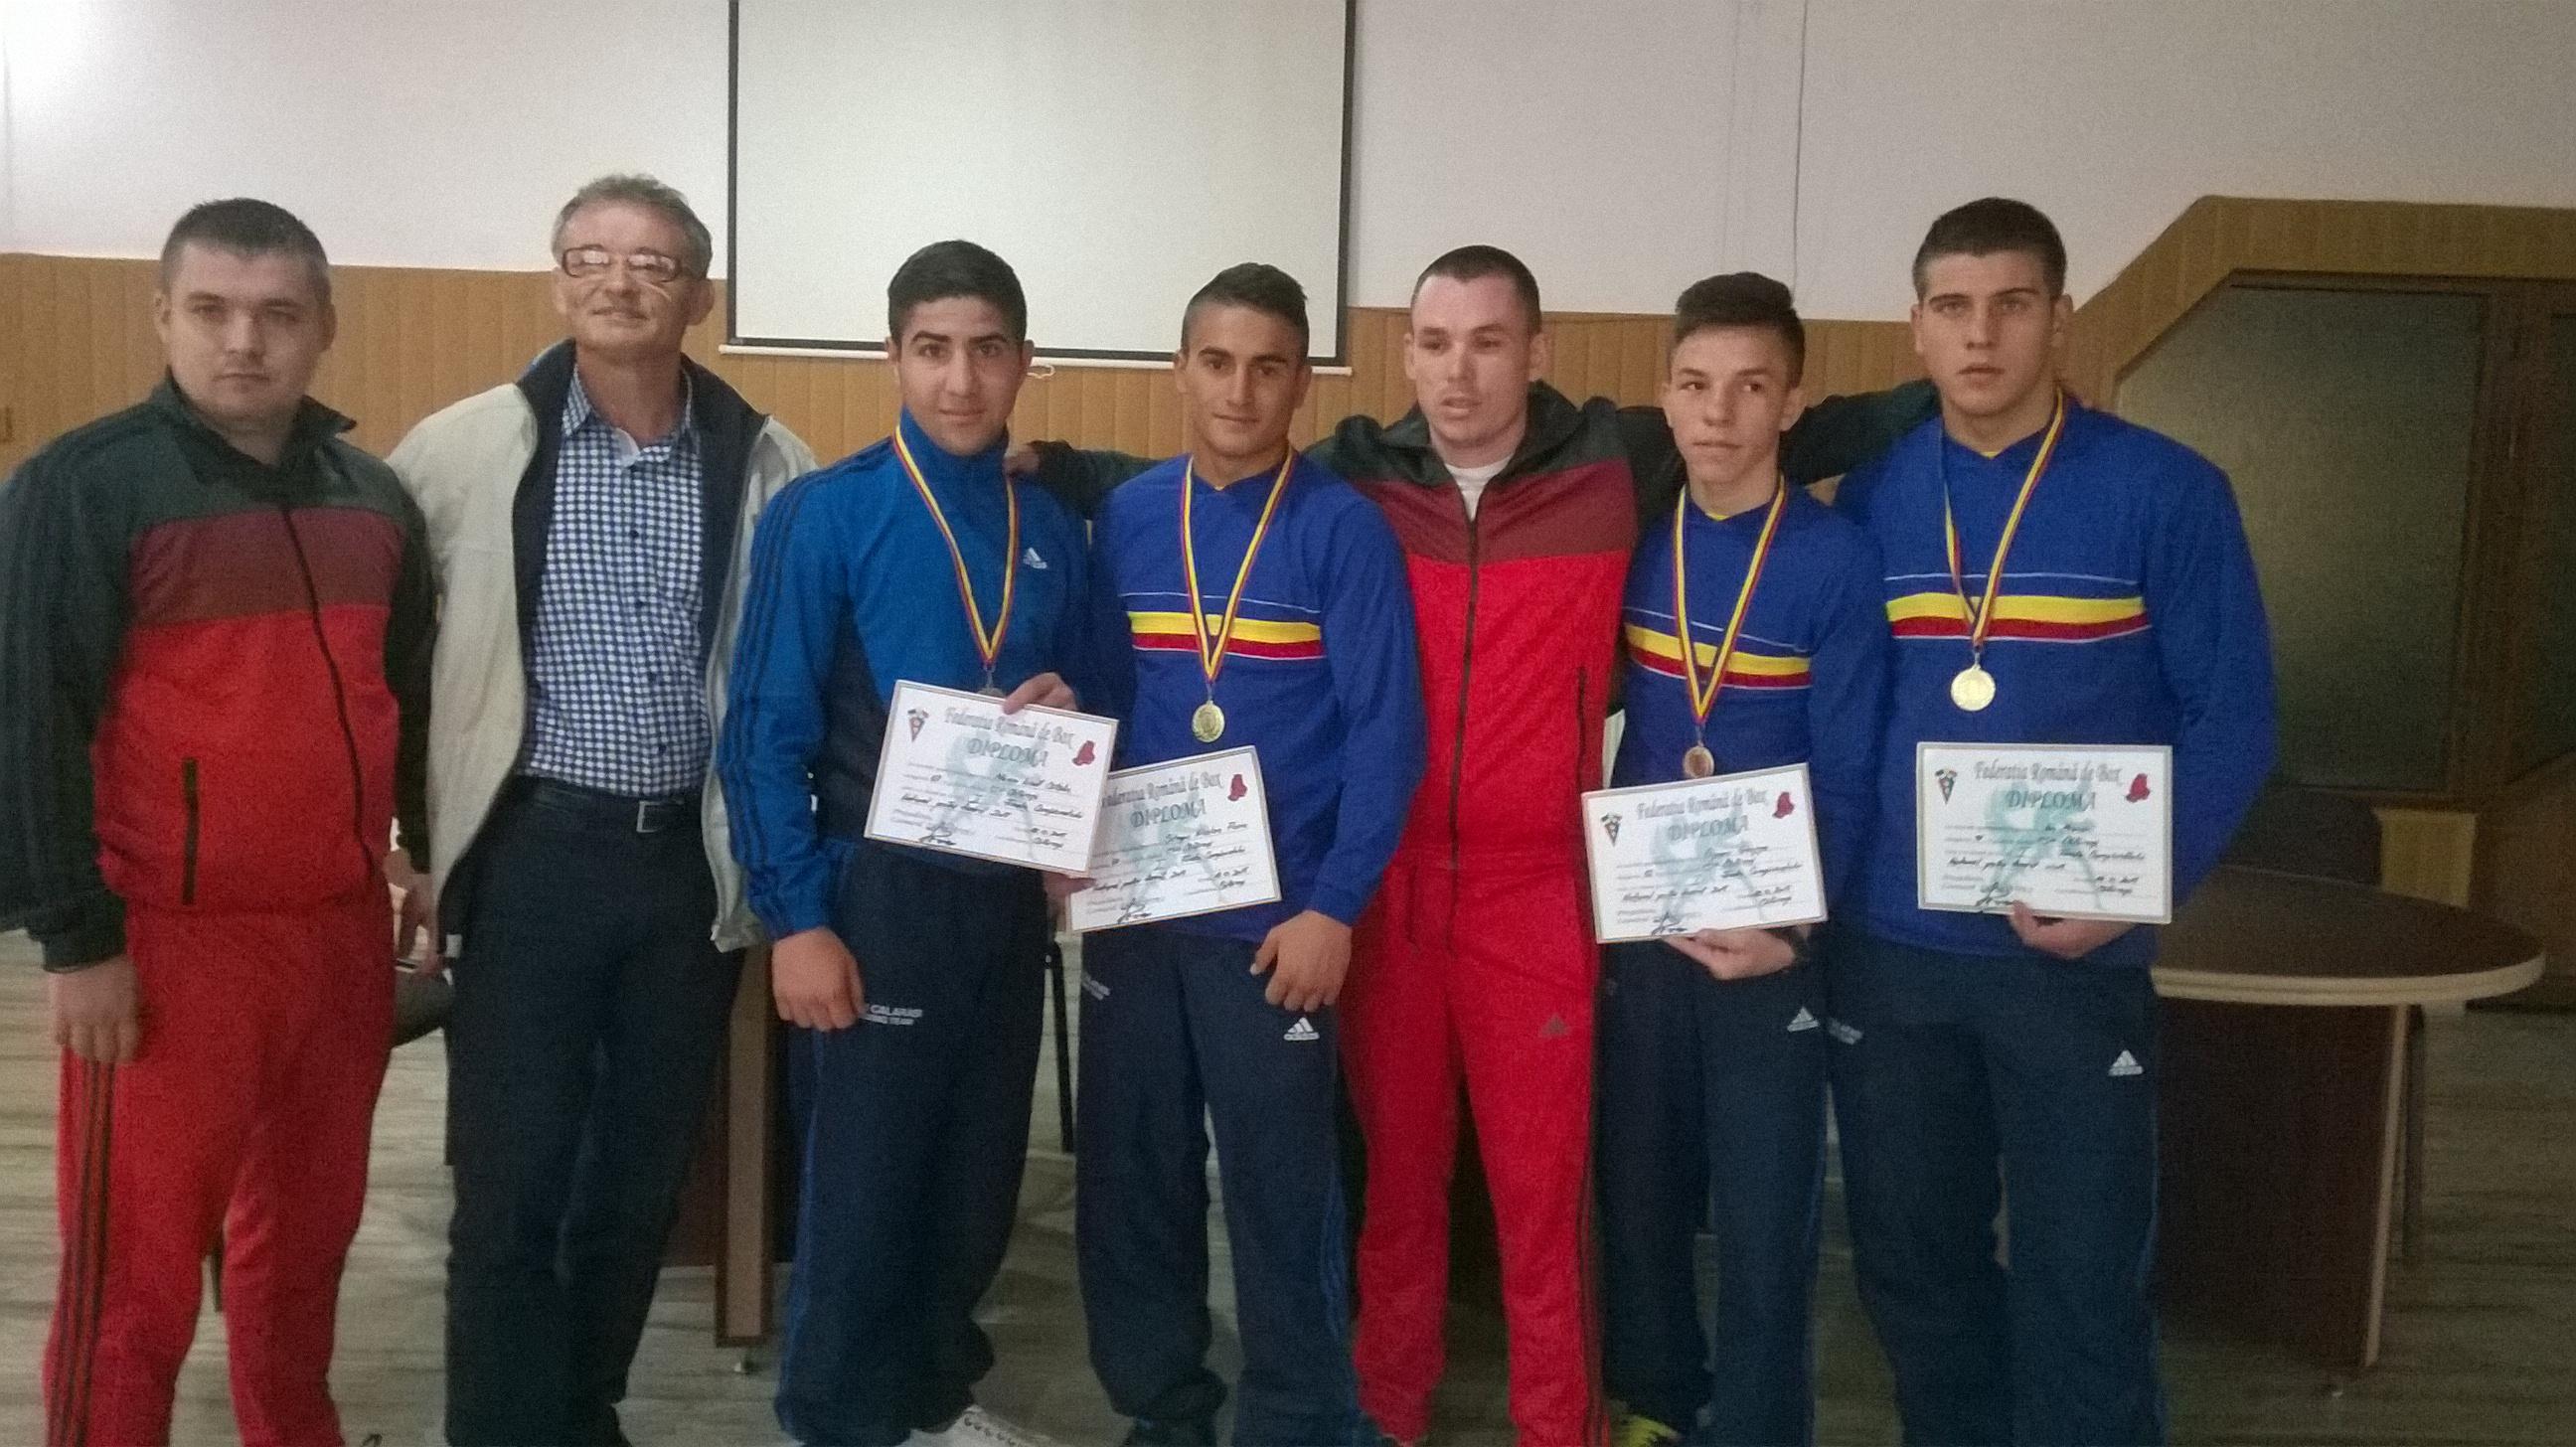 Pugiliştii călărăşeni s-au clasat pe primul loc, la Campionatul Naţional de Tineret